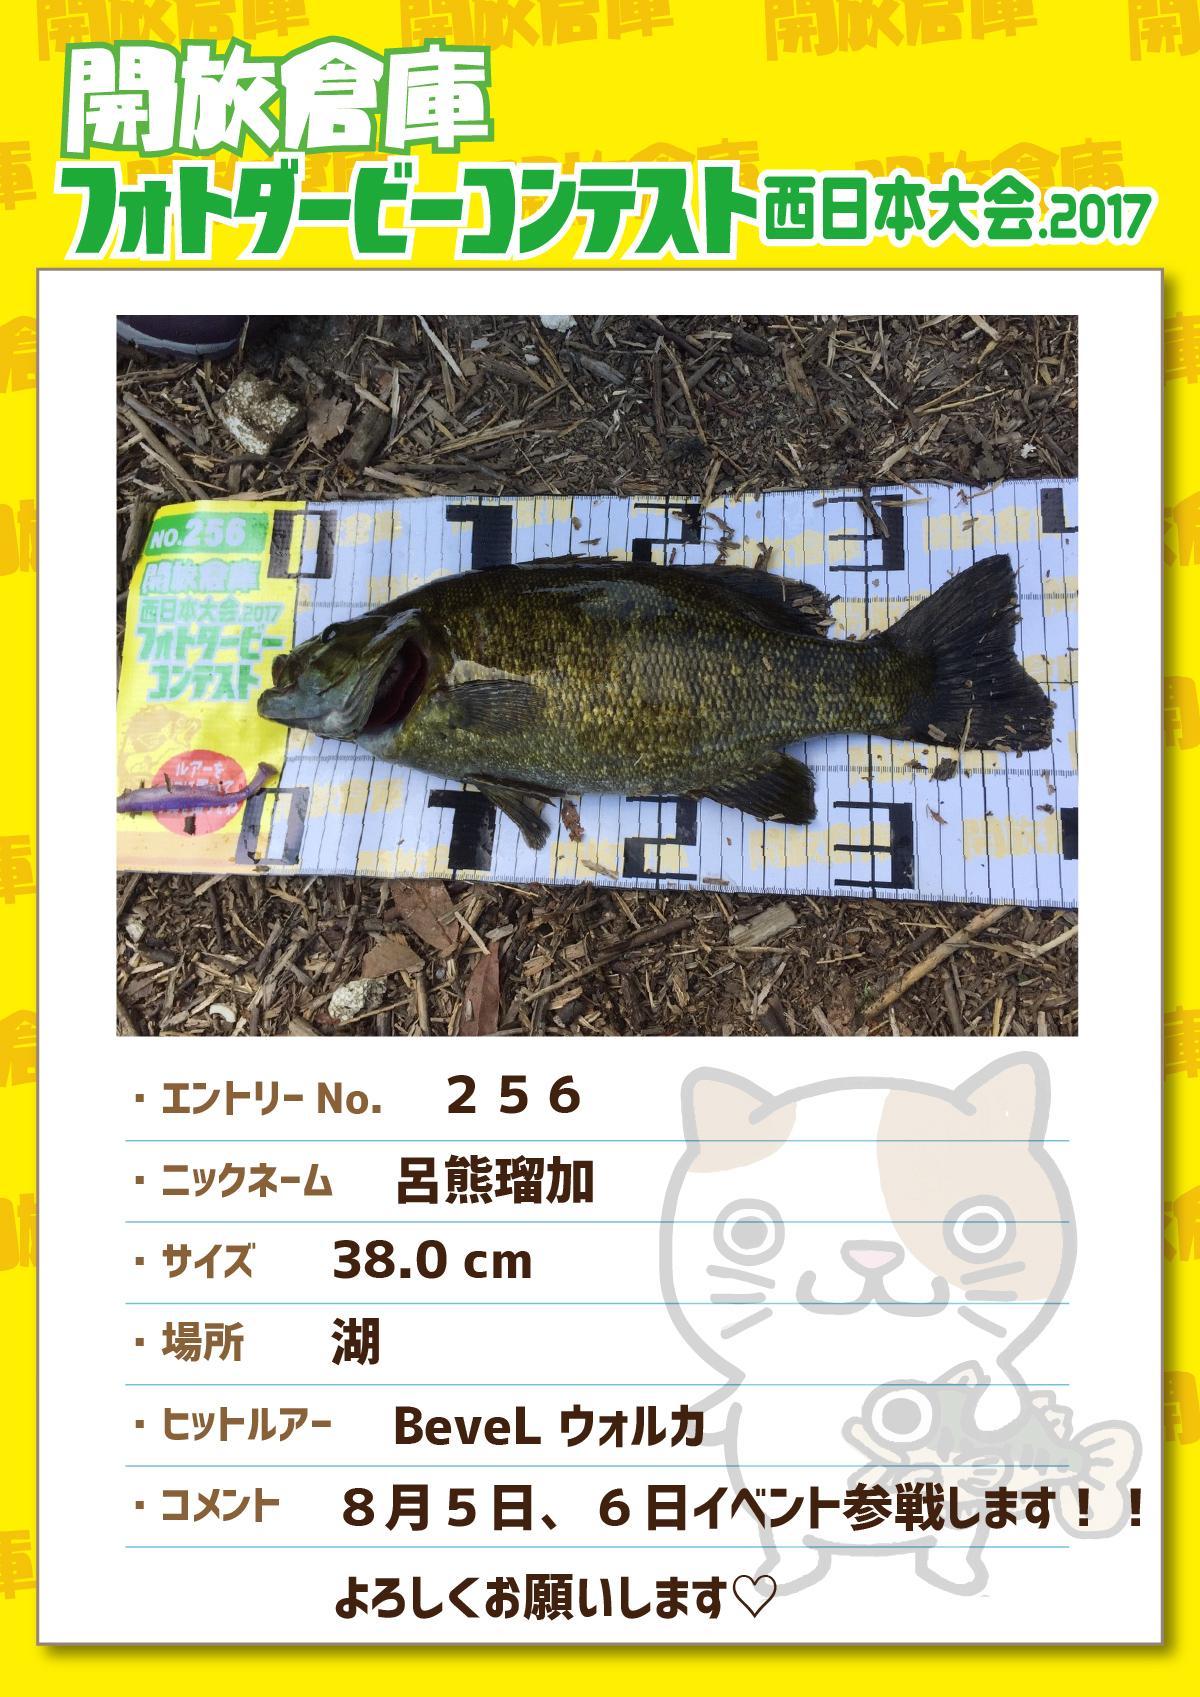 No.256 呂熊瑠加 38.0cm 湖 BeveLウォルカ 8月5日(土)、6日(日)イベント参戦します!!よろしくお願いします♡